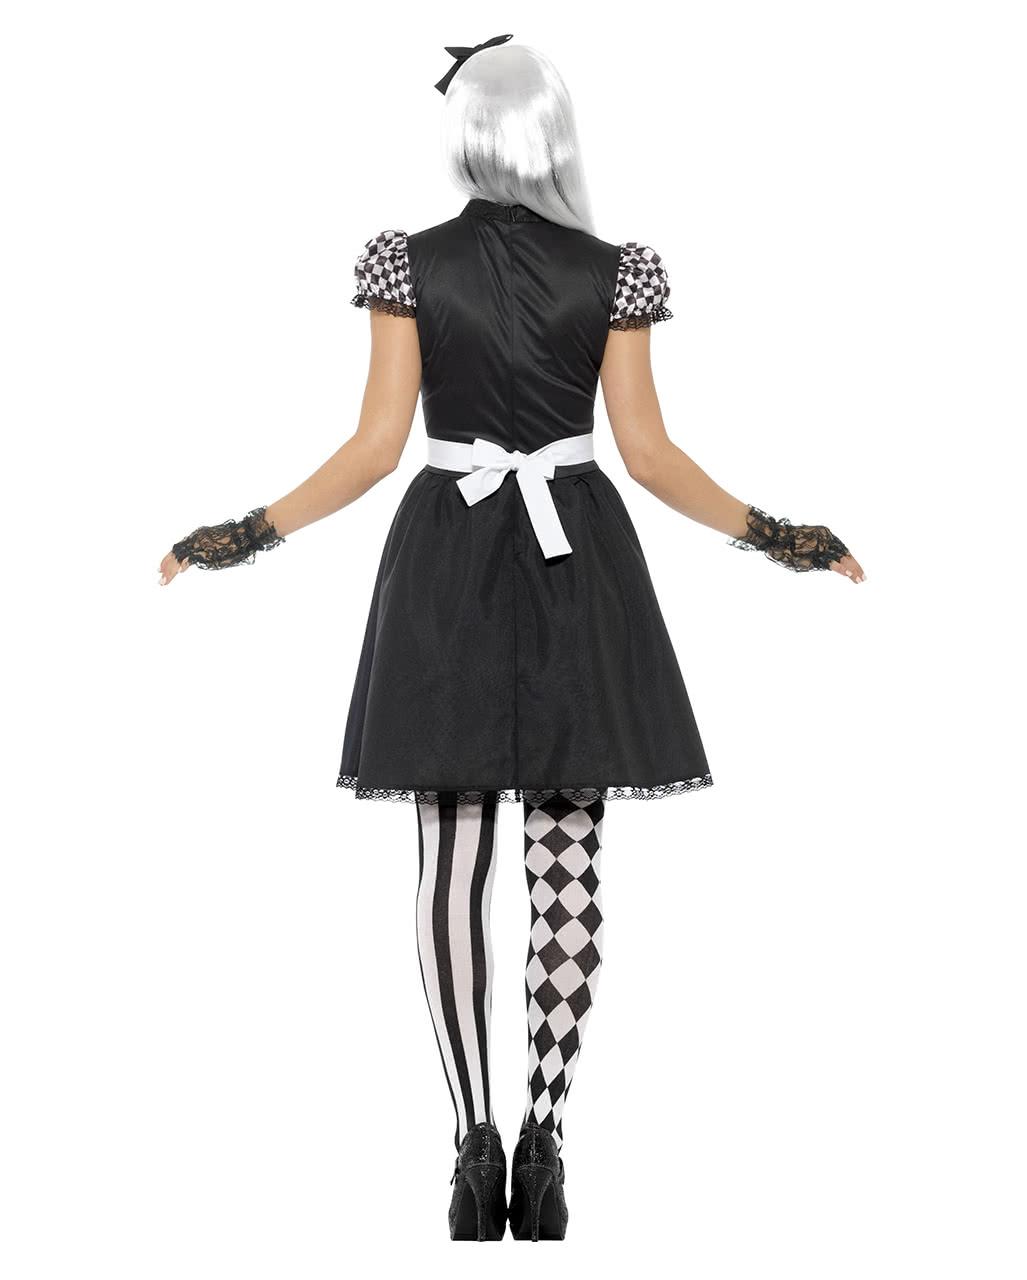 dunkle alice frauen verkleidung f r halloween karneval universe. Black Bedroom Furniture Sets. Home Design Ideas